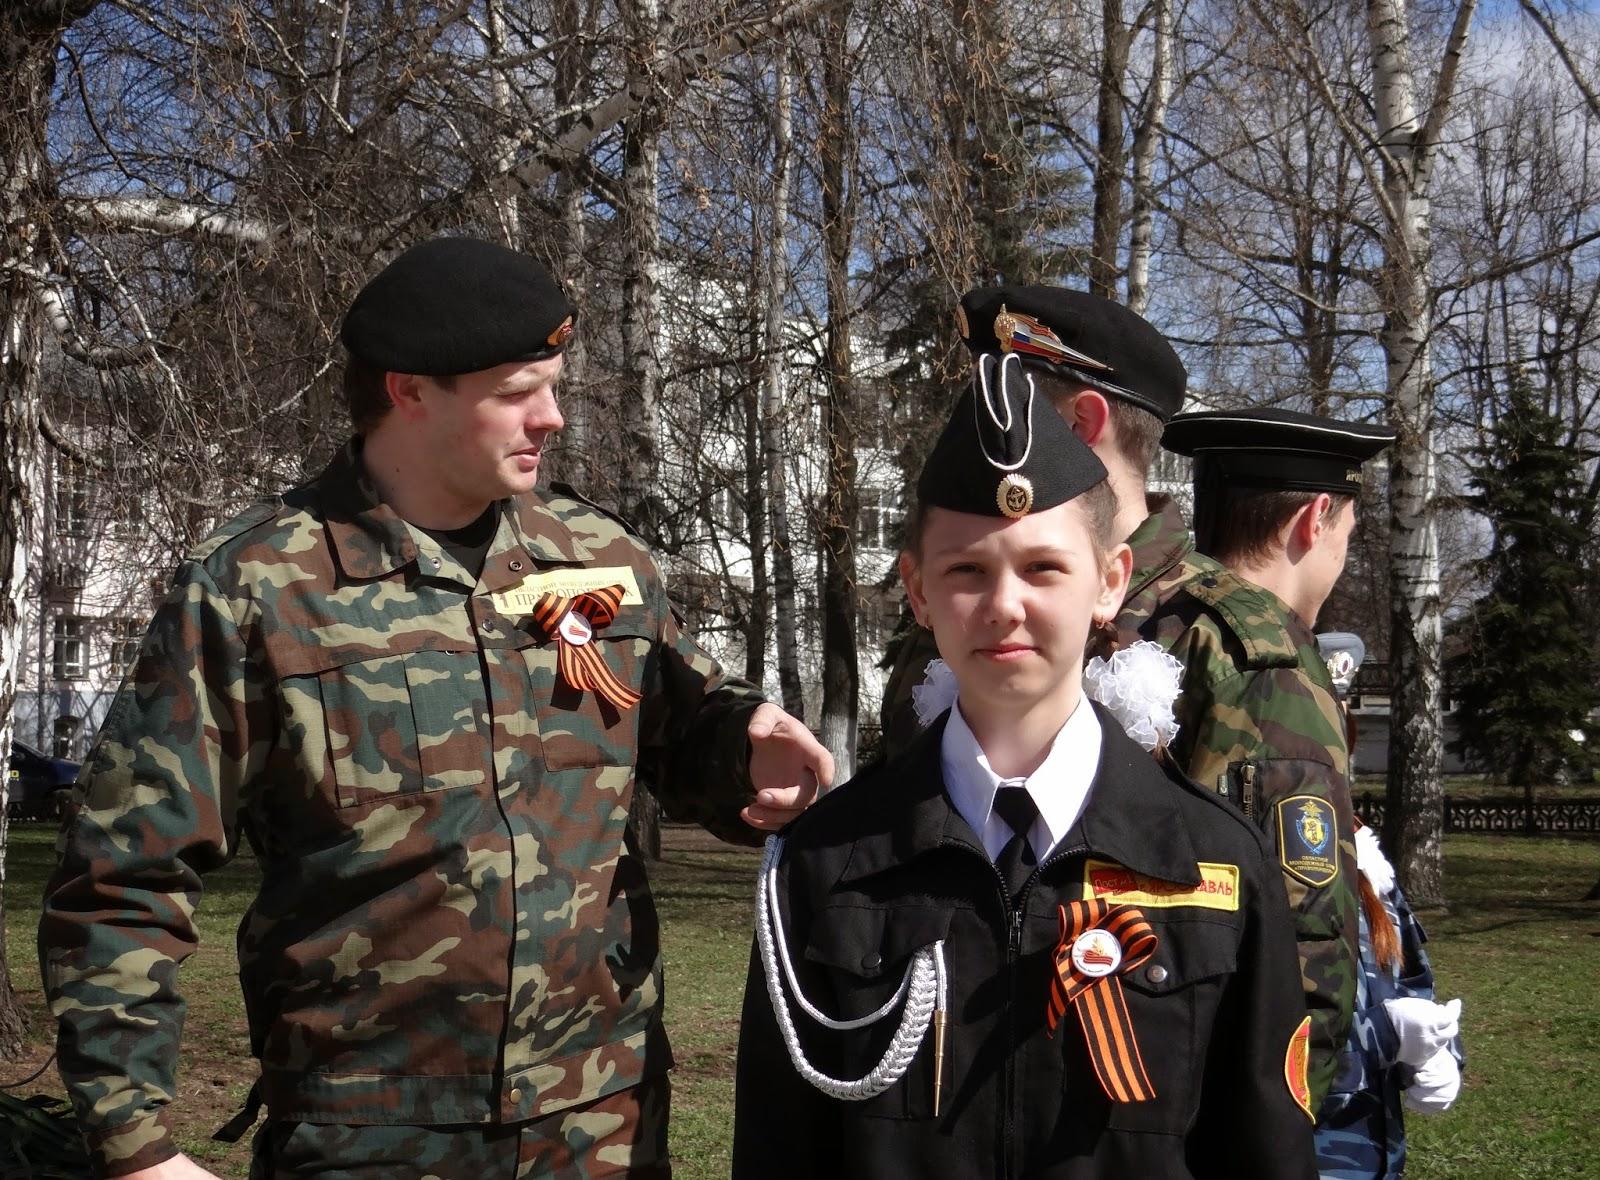 kommandos beim marschieren